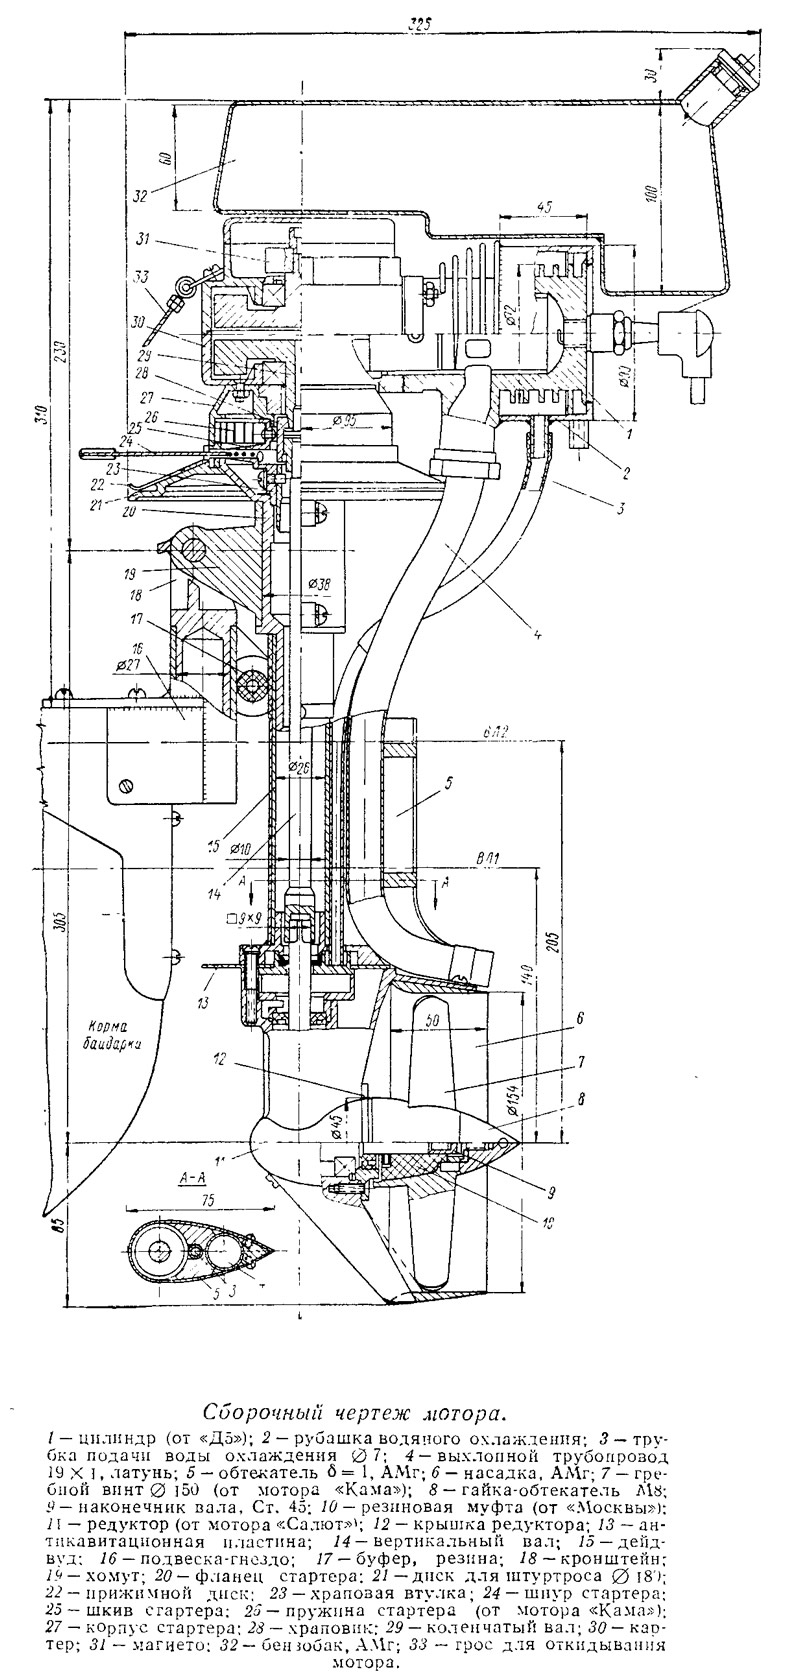 лодочные моторы инструкции чертежи